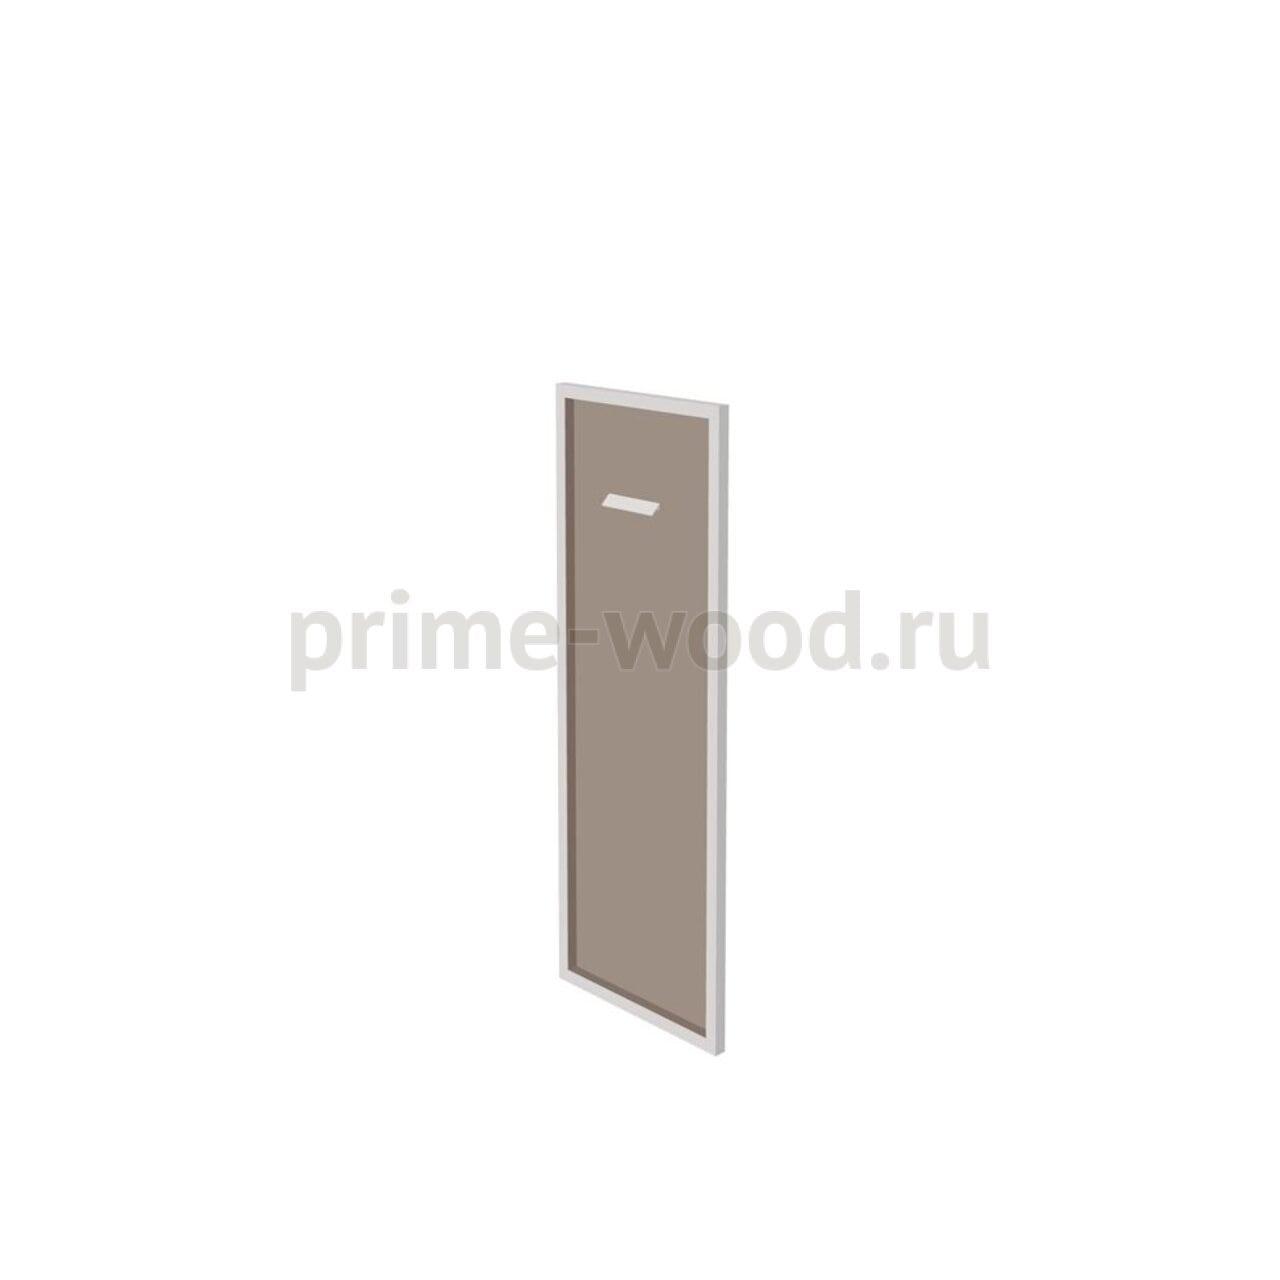 Дверь тонированная в раме  Бонд 44x2x122 - фото 1